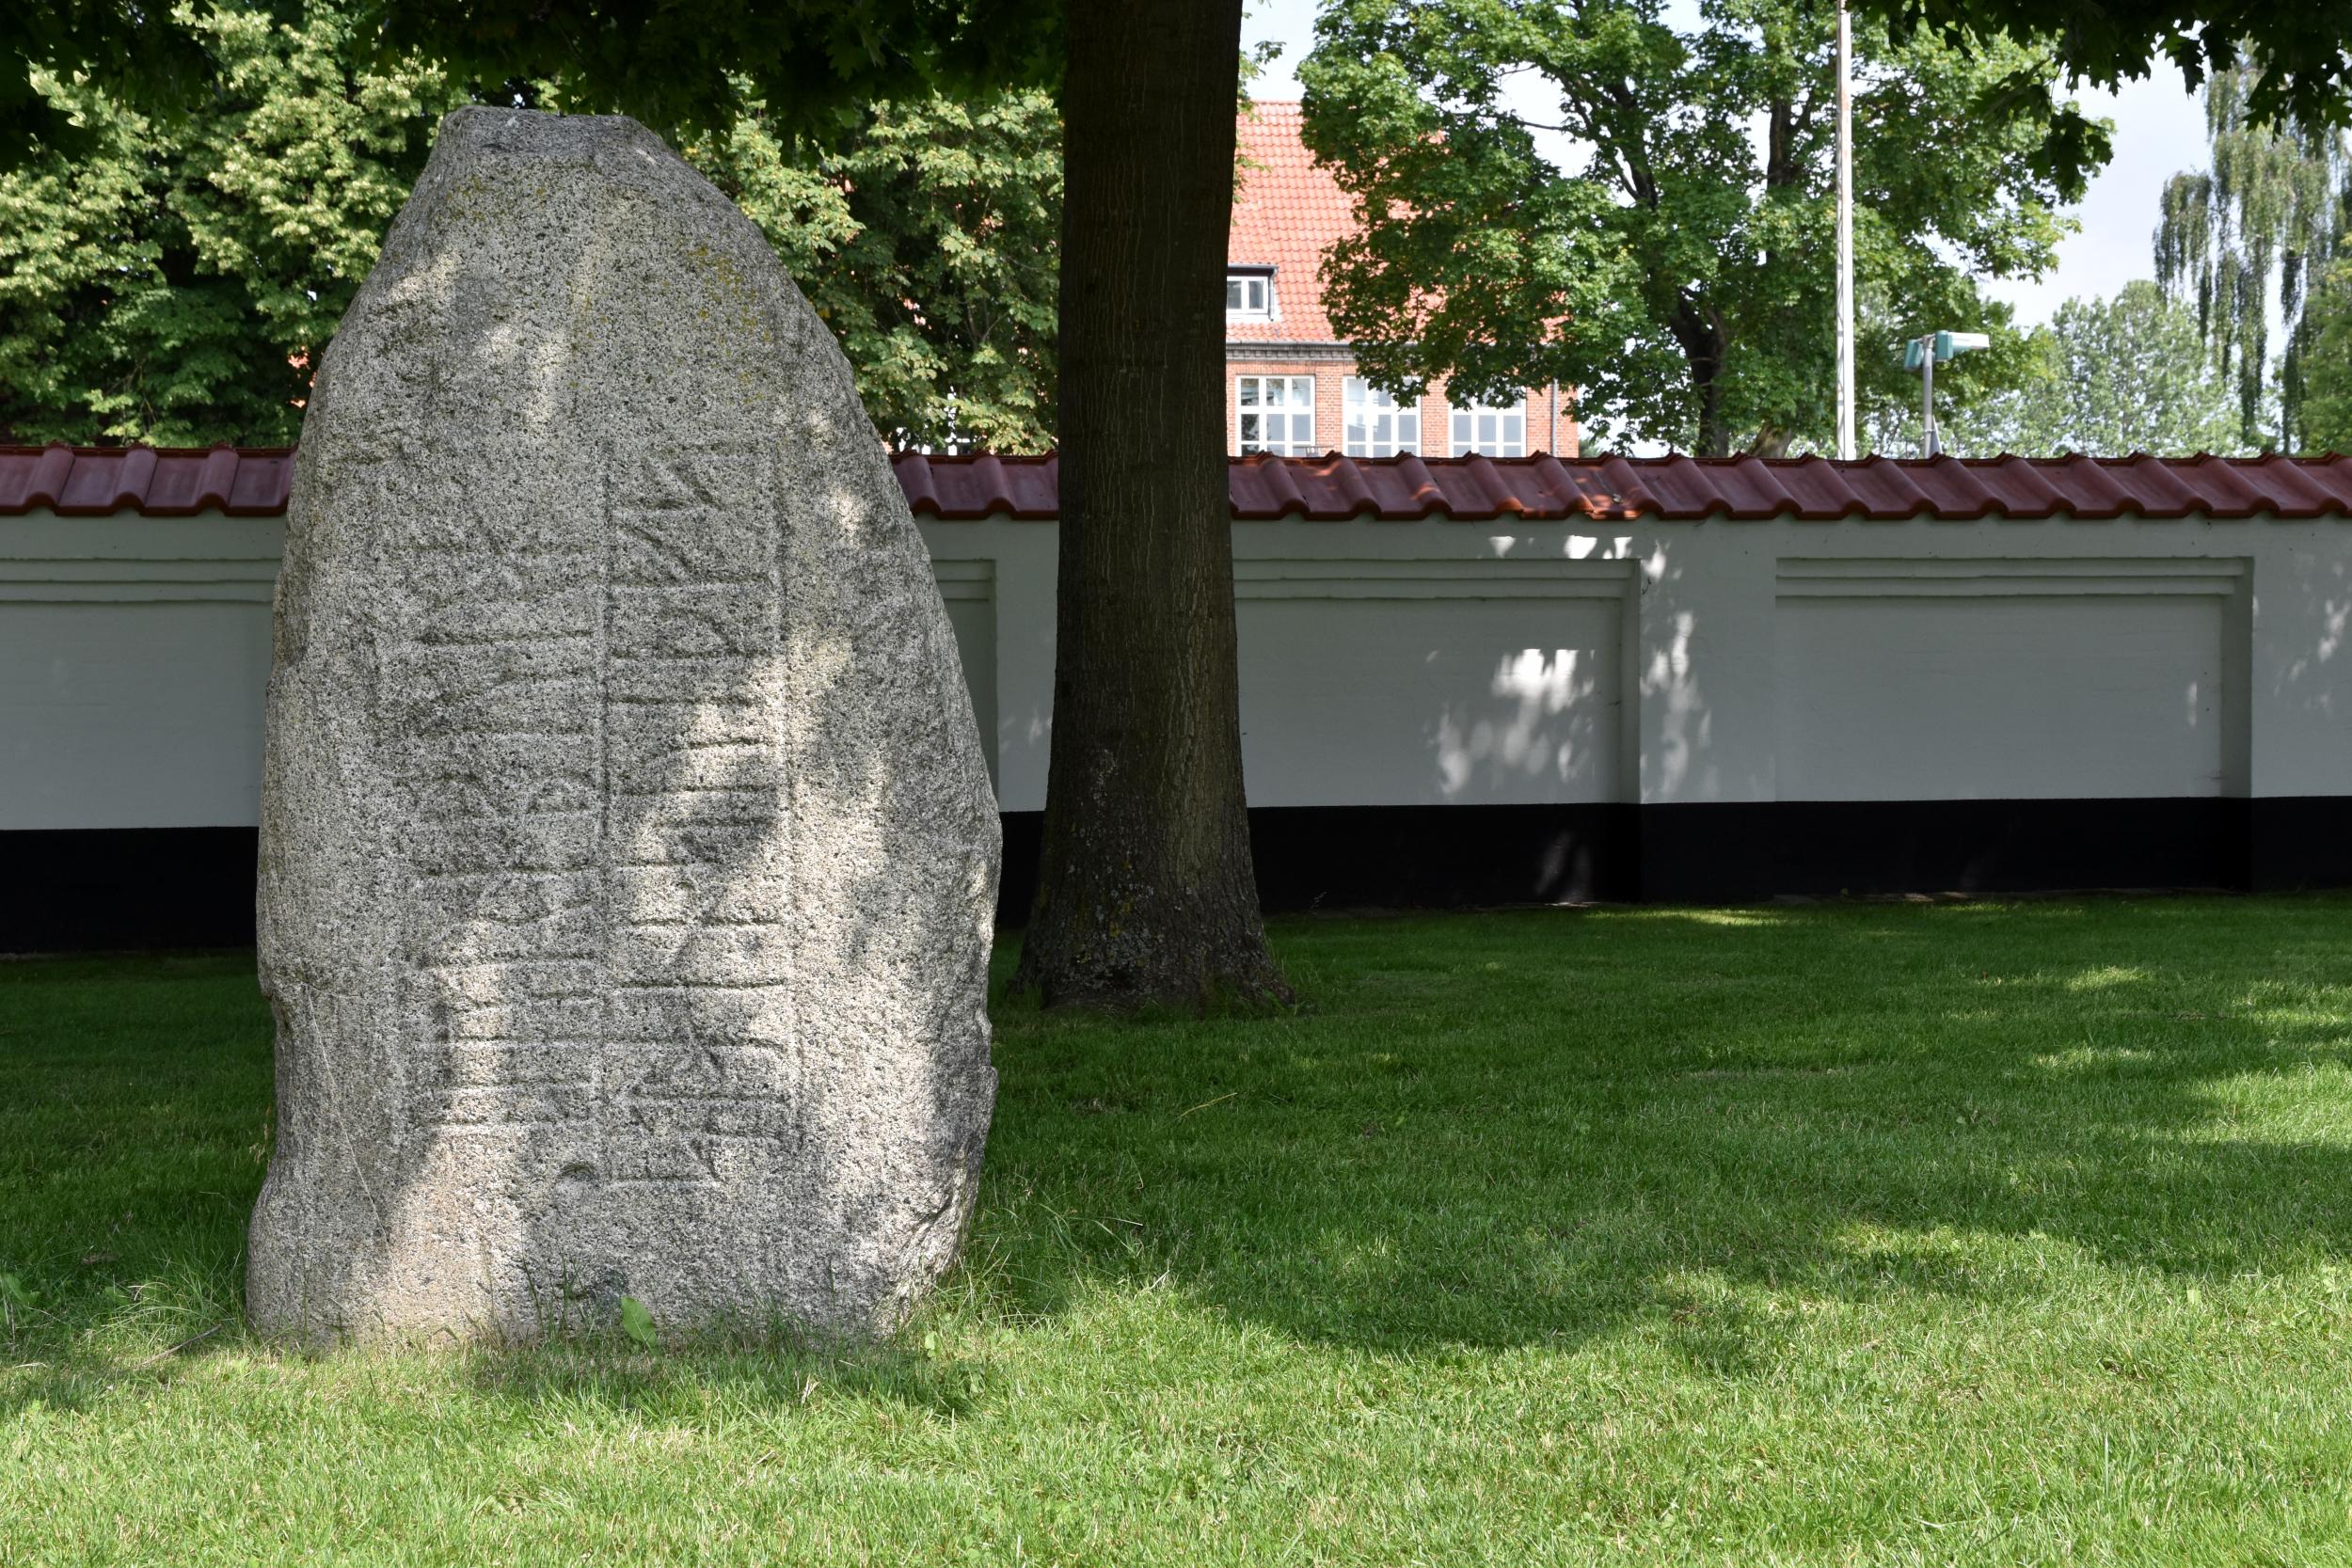 Runesten på grænplæne foran mur